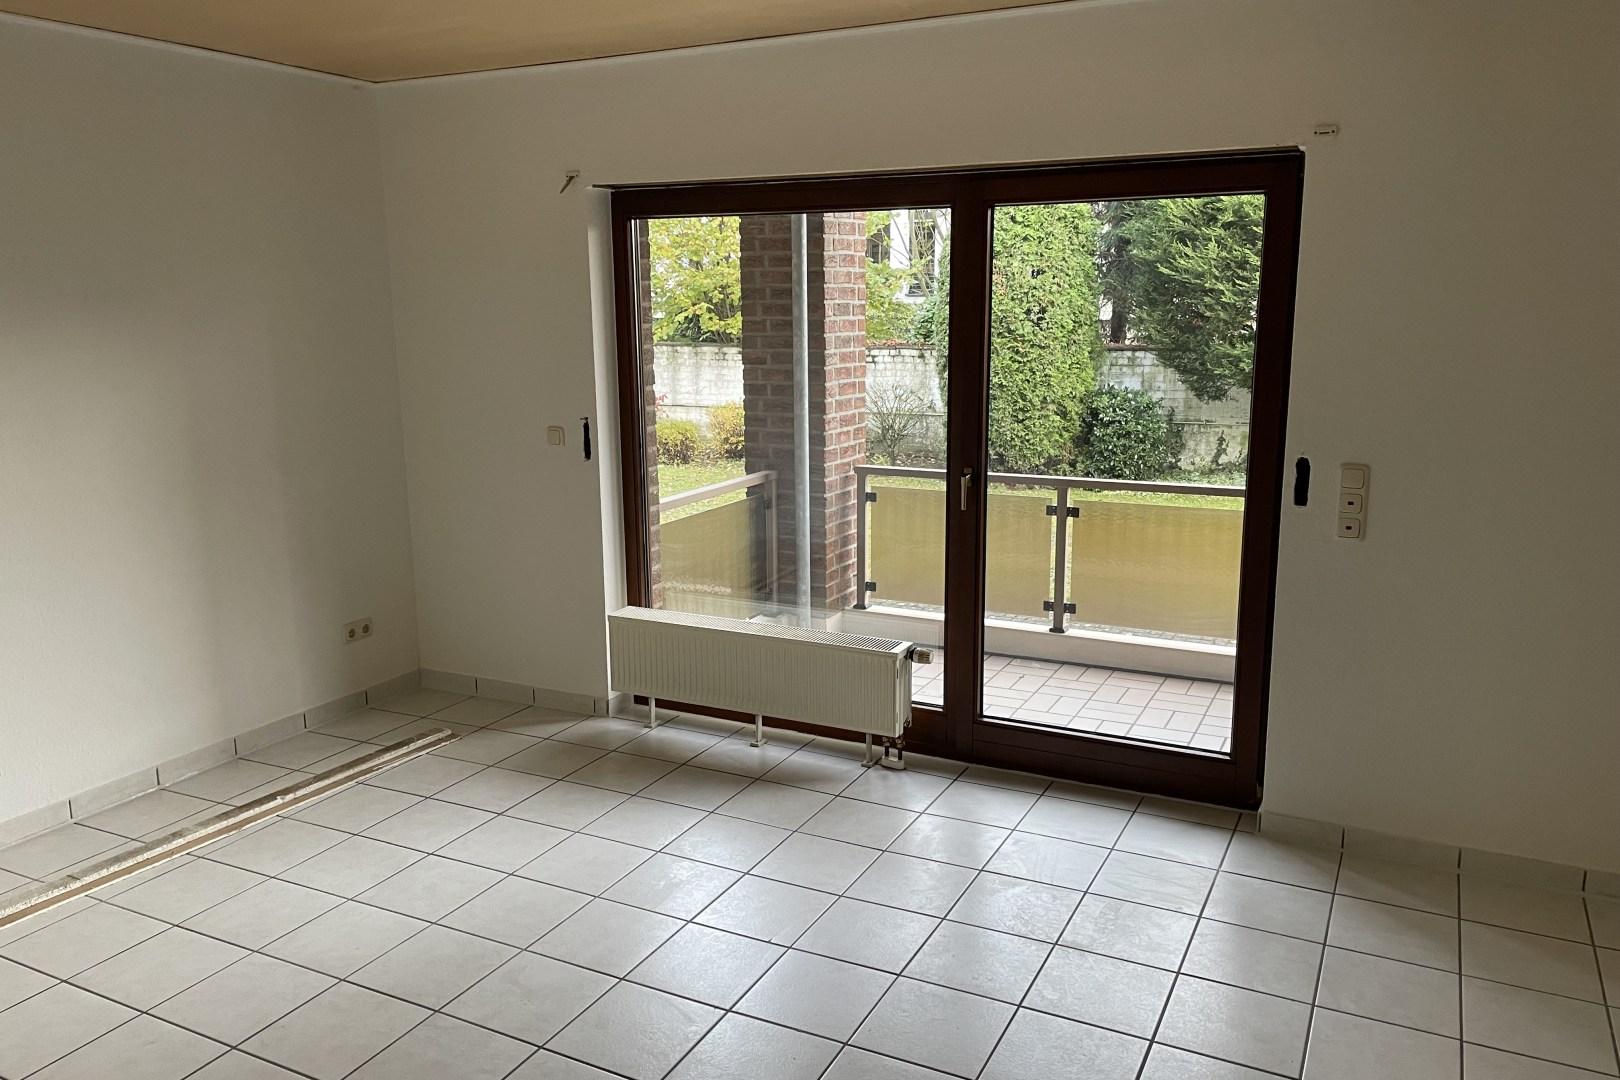 Immobilie Nr.0258 - 2-Zimmerwohnung  - Bild 4.jpg